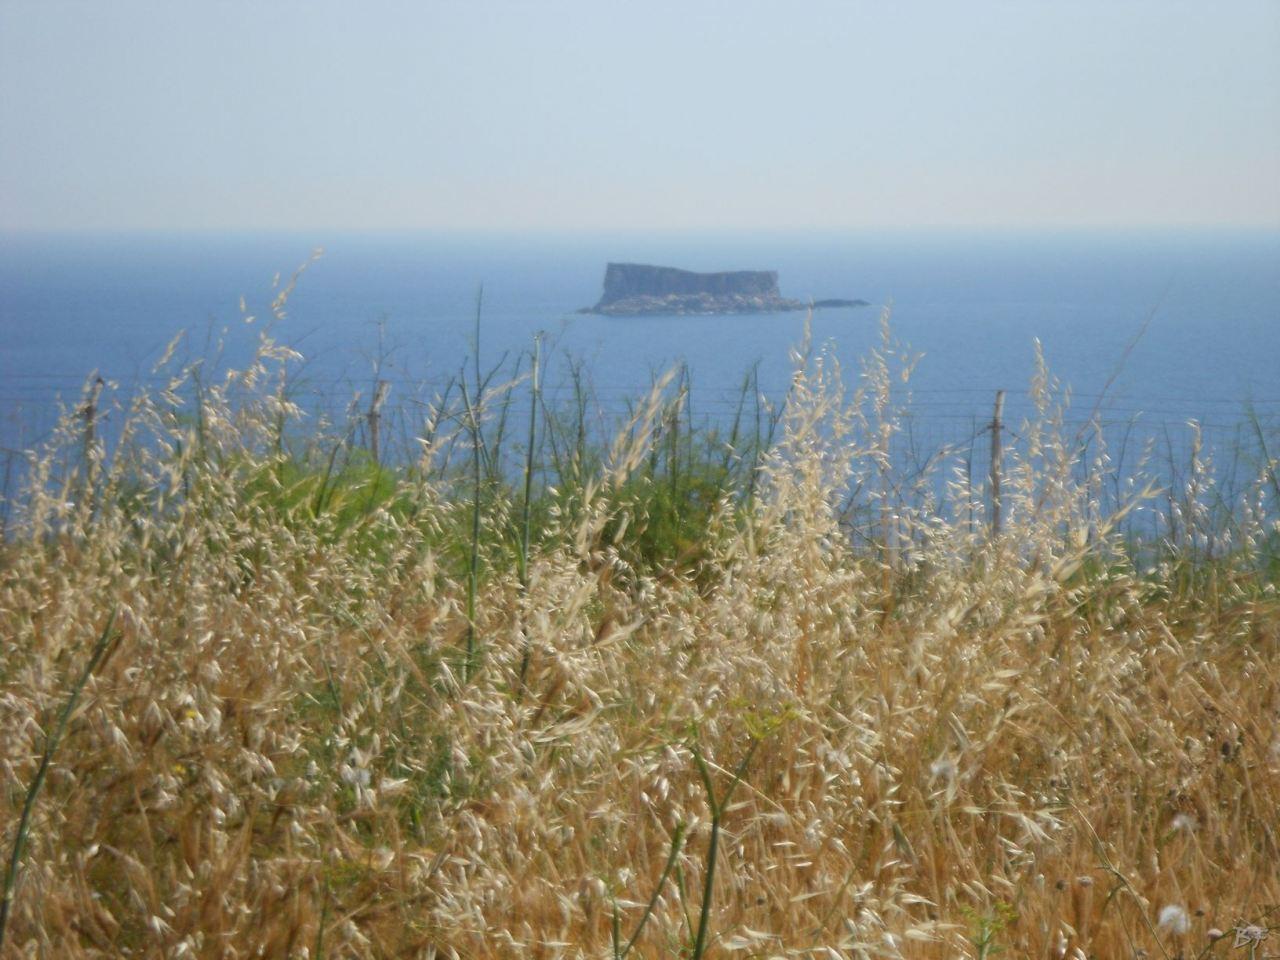 Hagar-Him-Tempio-Megalitico-Qrendi-Malta-17